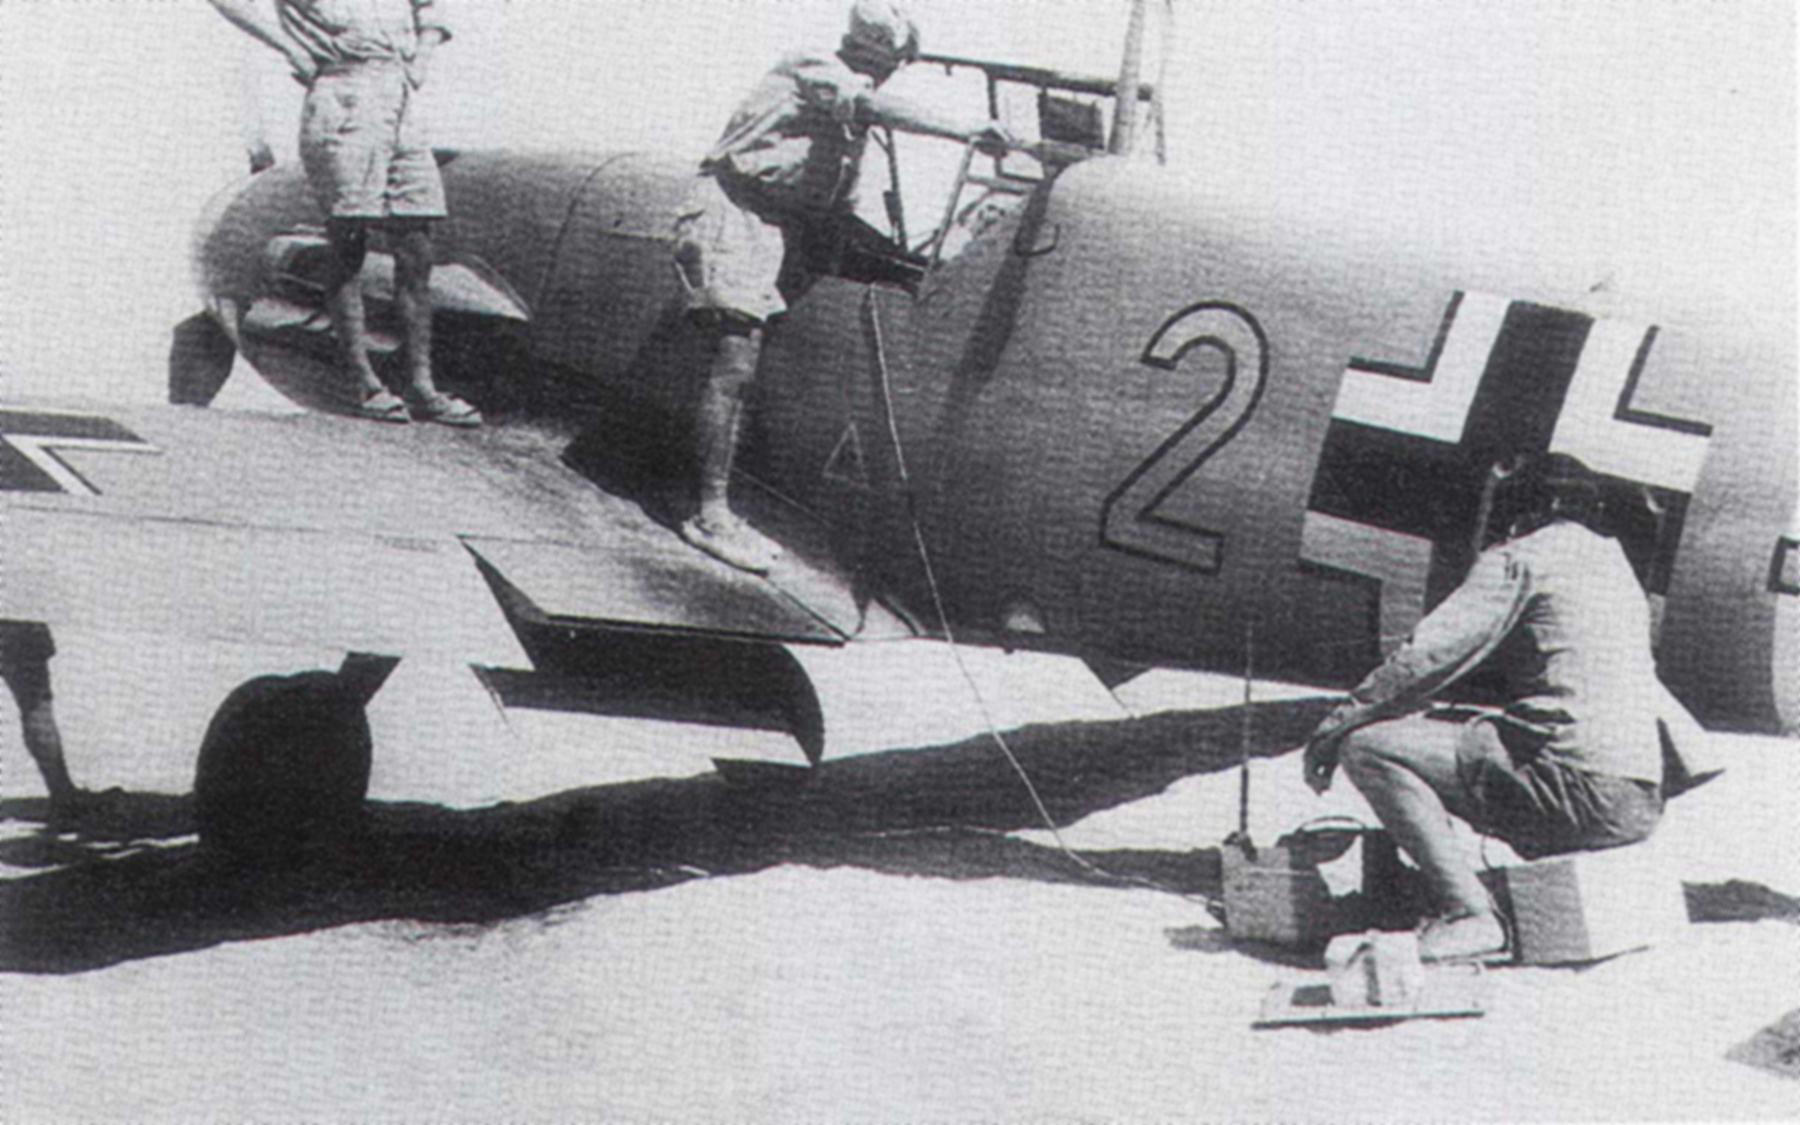 Messerschmitt Bf 109F4Trop 6.JG27 Yellow 2 North Africa August 1942 02